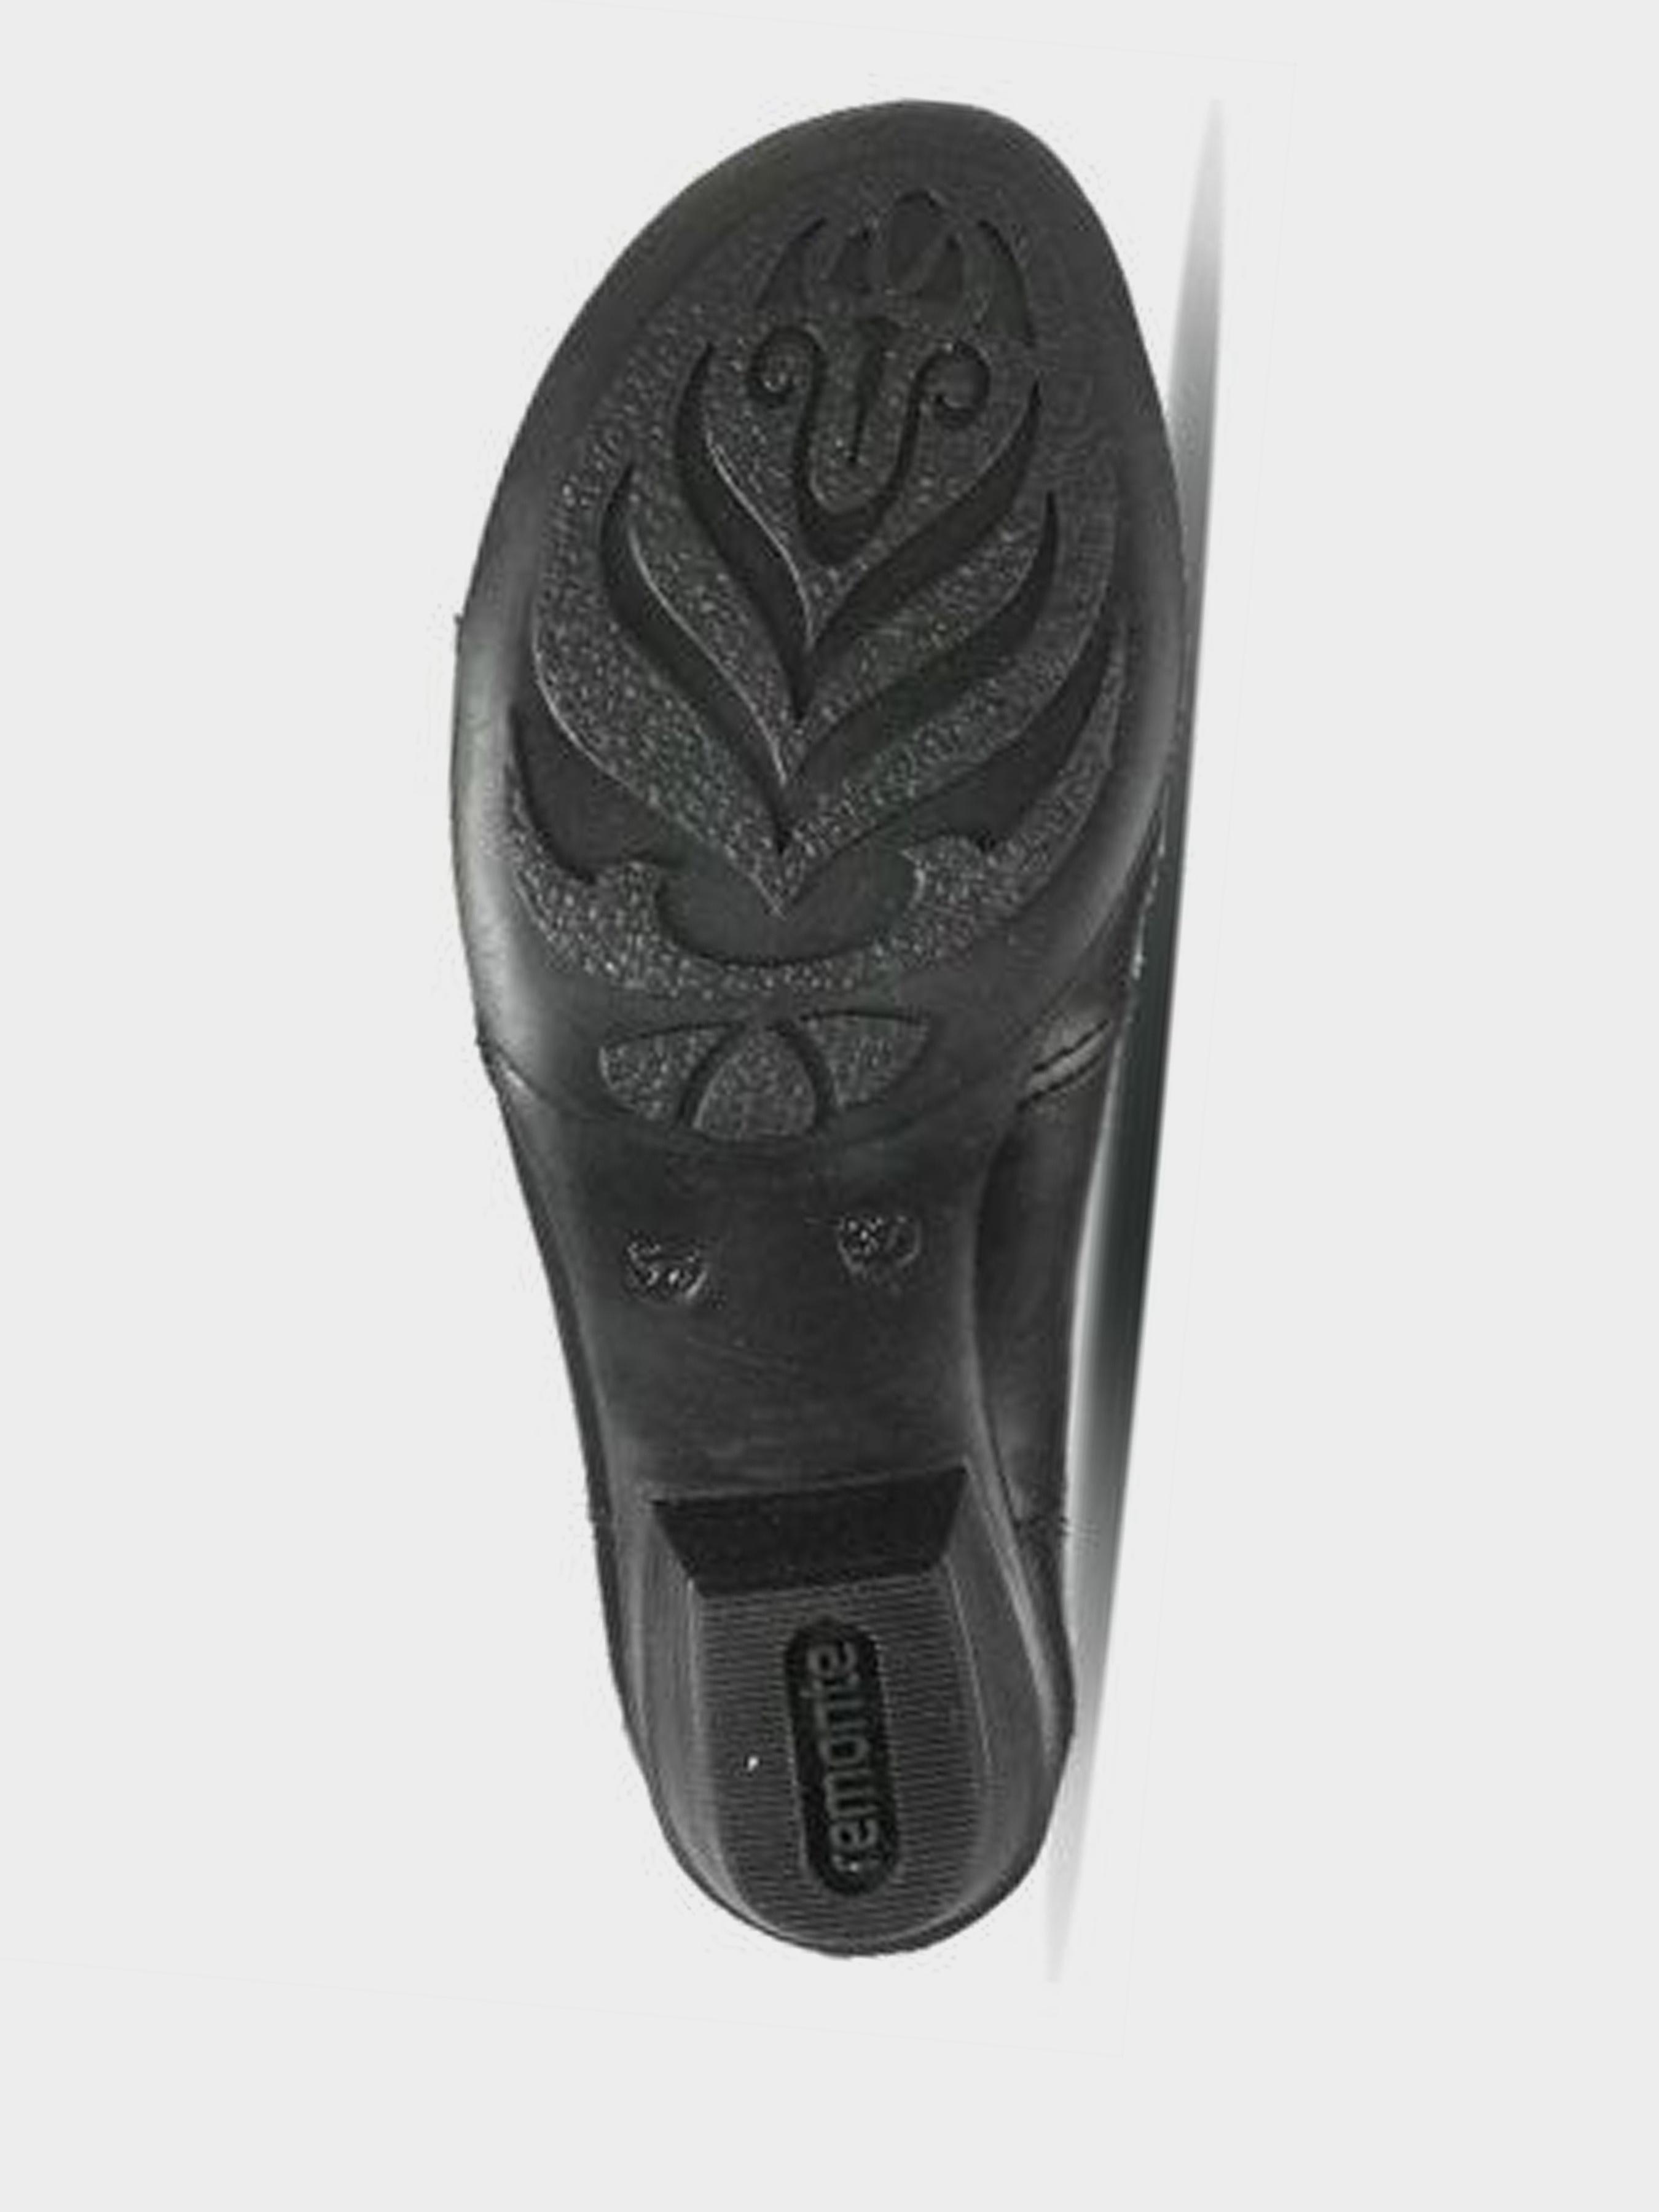 Туфли женские Remonte туфлі жін. (36-42) RD37 смотреть, 2017